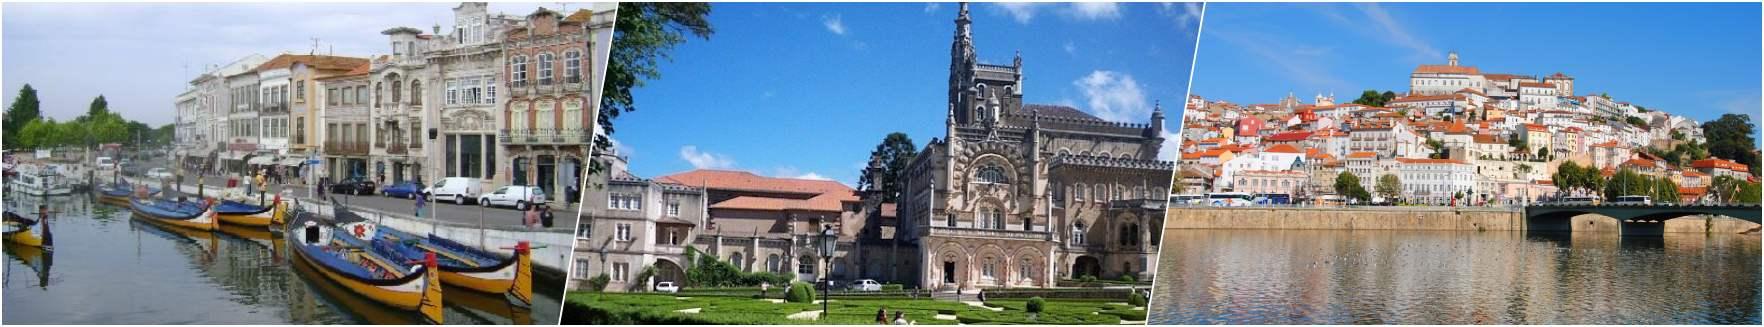 Aveiro - Bussaco Palace - Coimbra